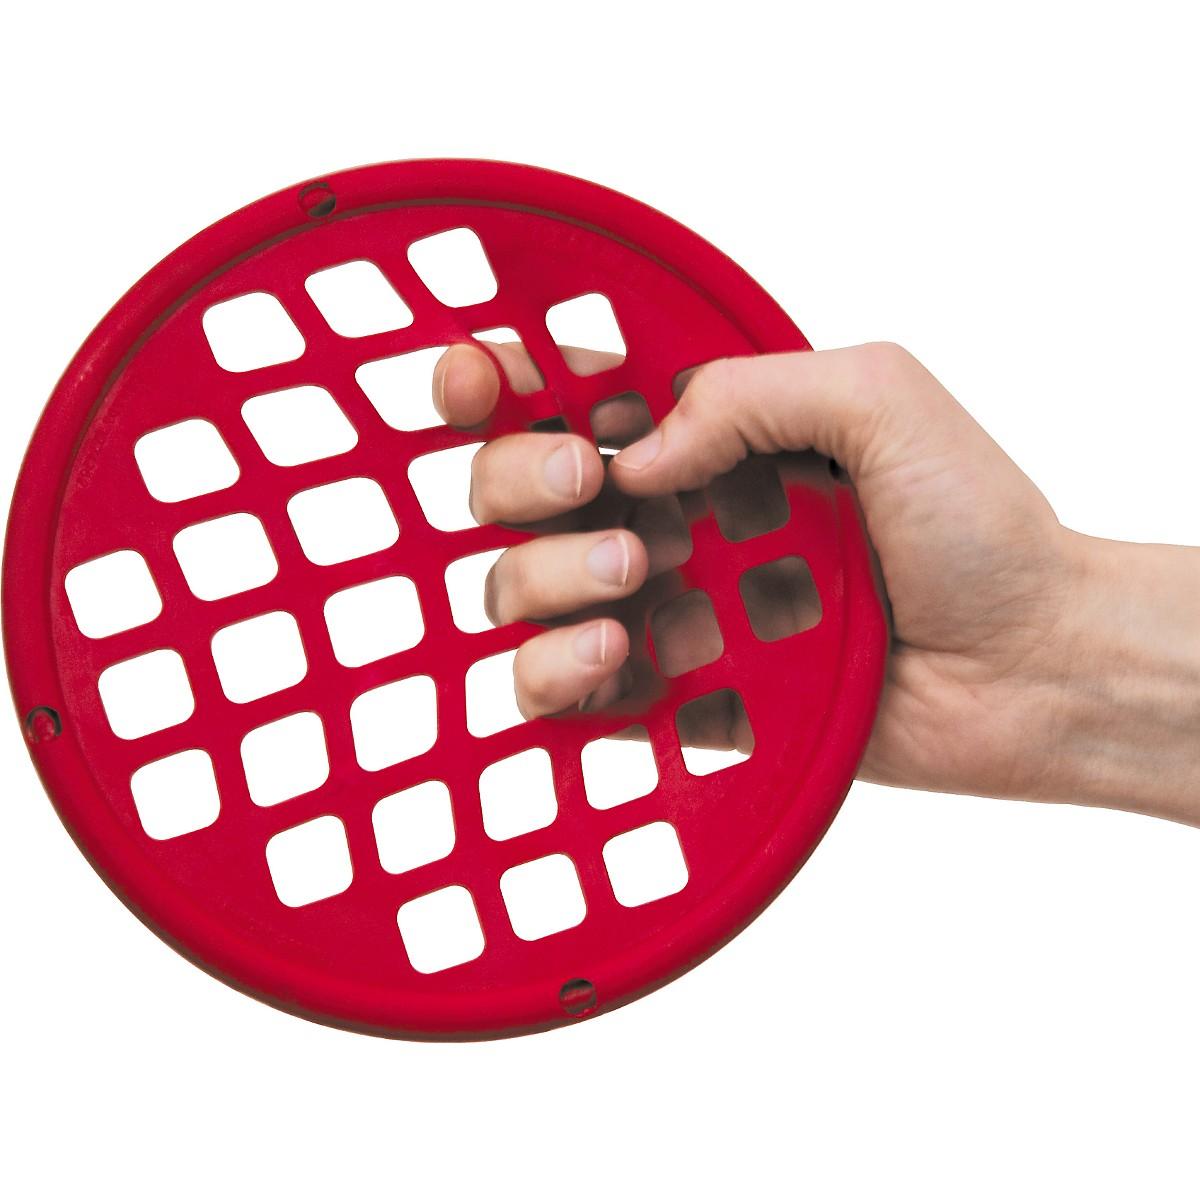 Finger Fitness Power Web Jr. Hand Exerciser